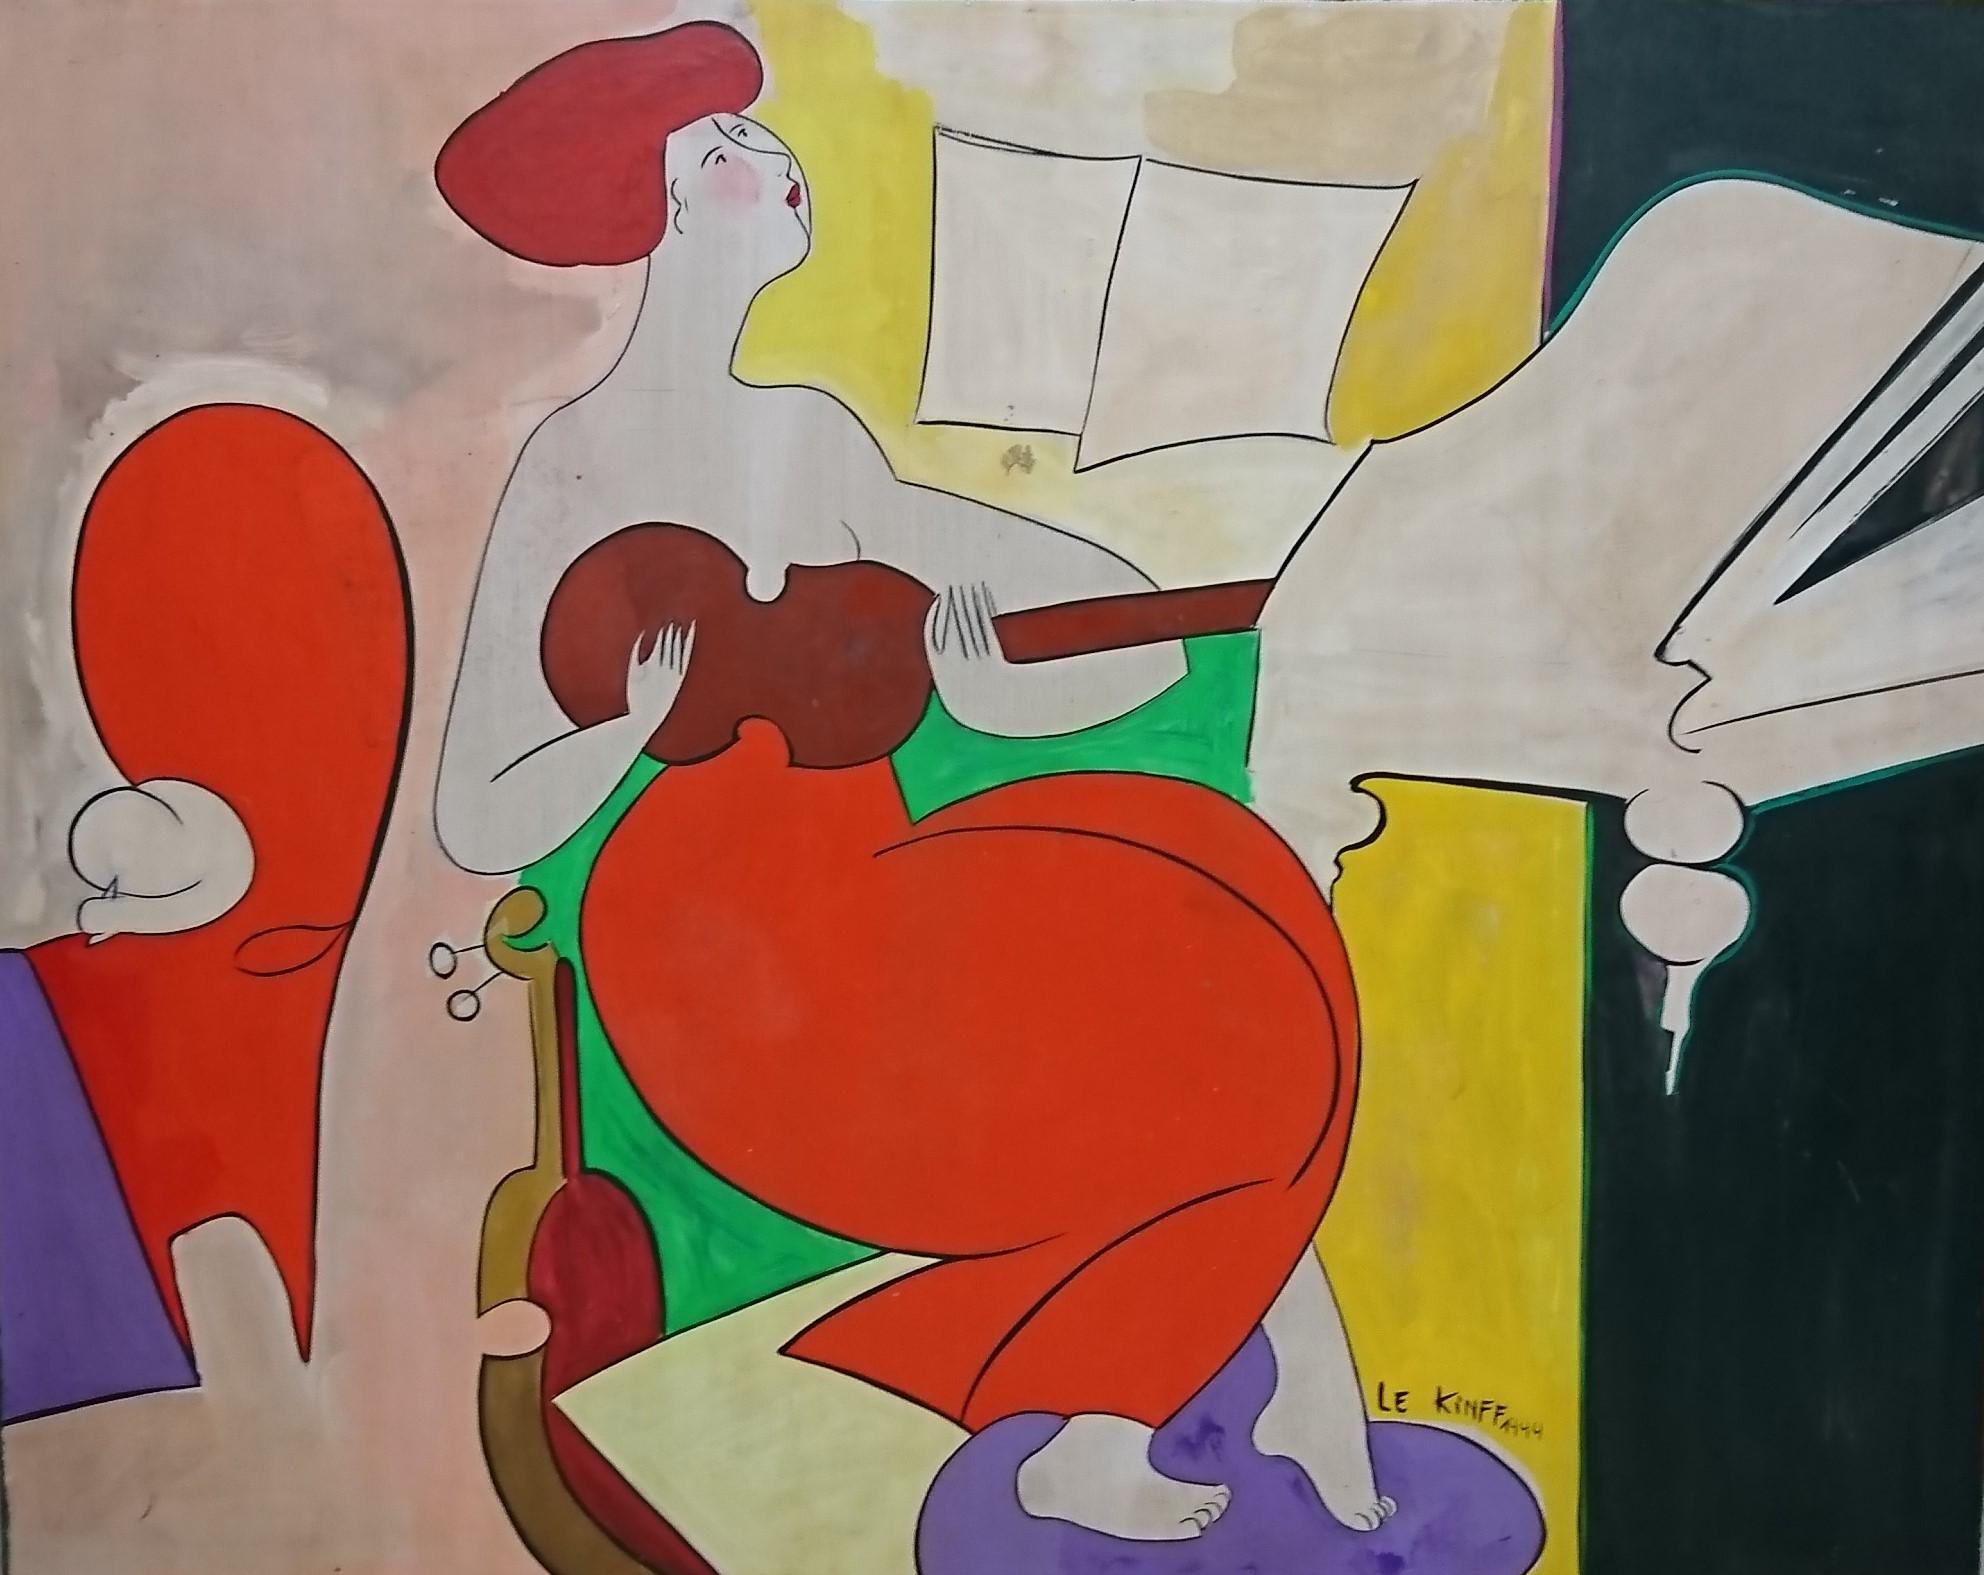 Répétition. 40F. wood. 2003